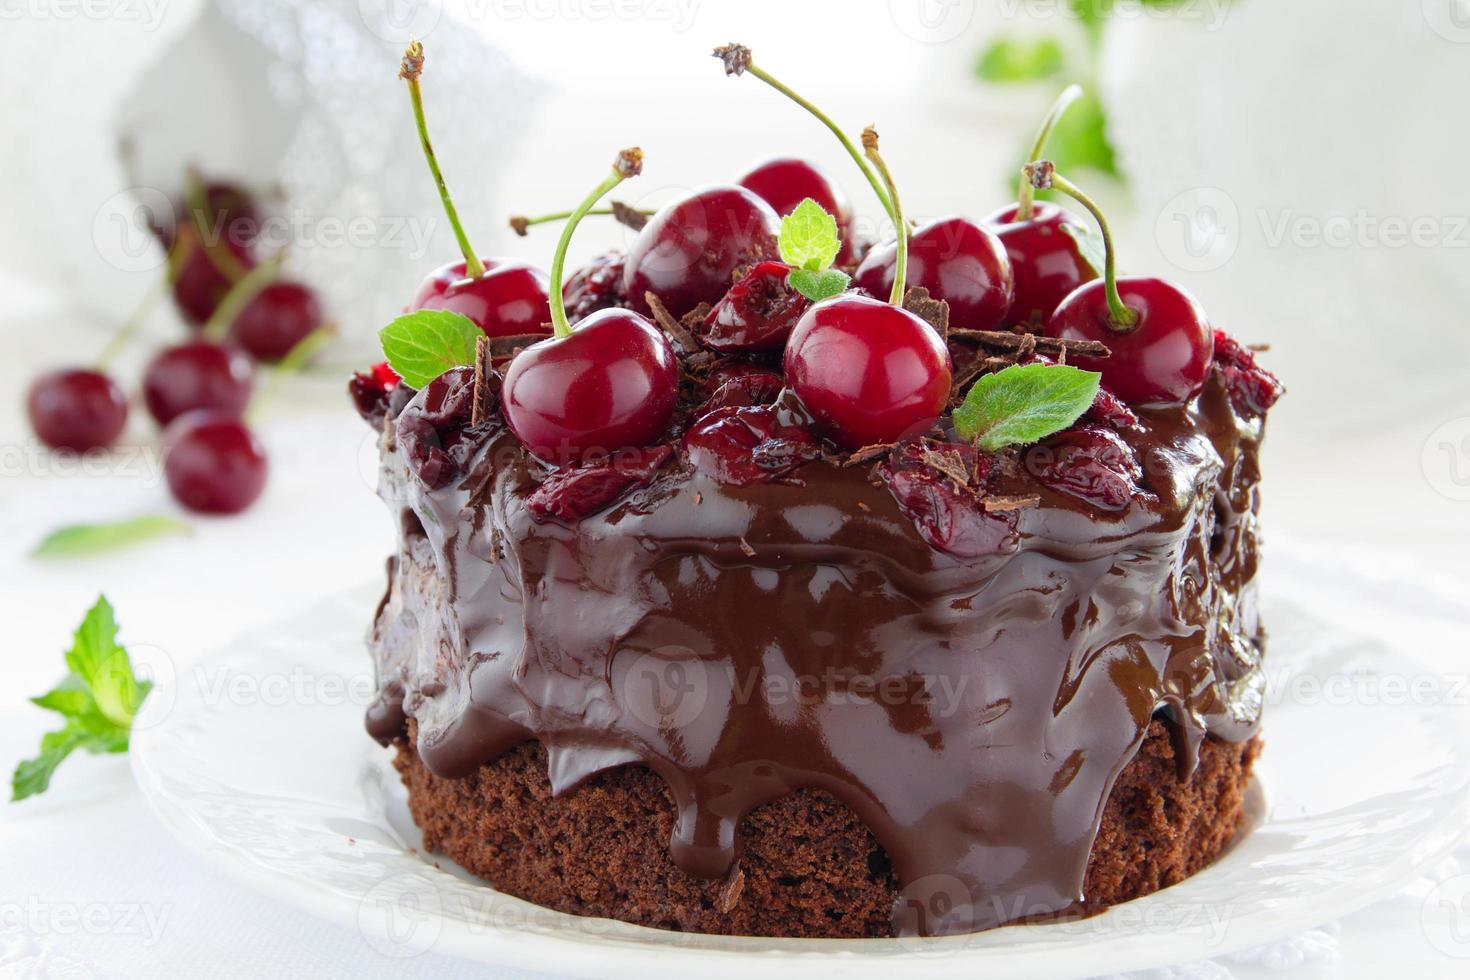 pastel de chocolate con cerezas foto